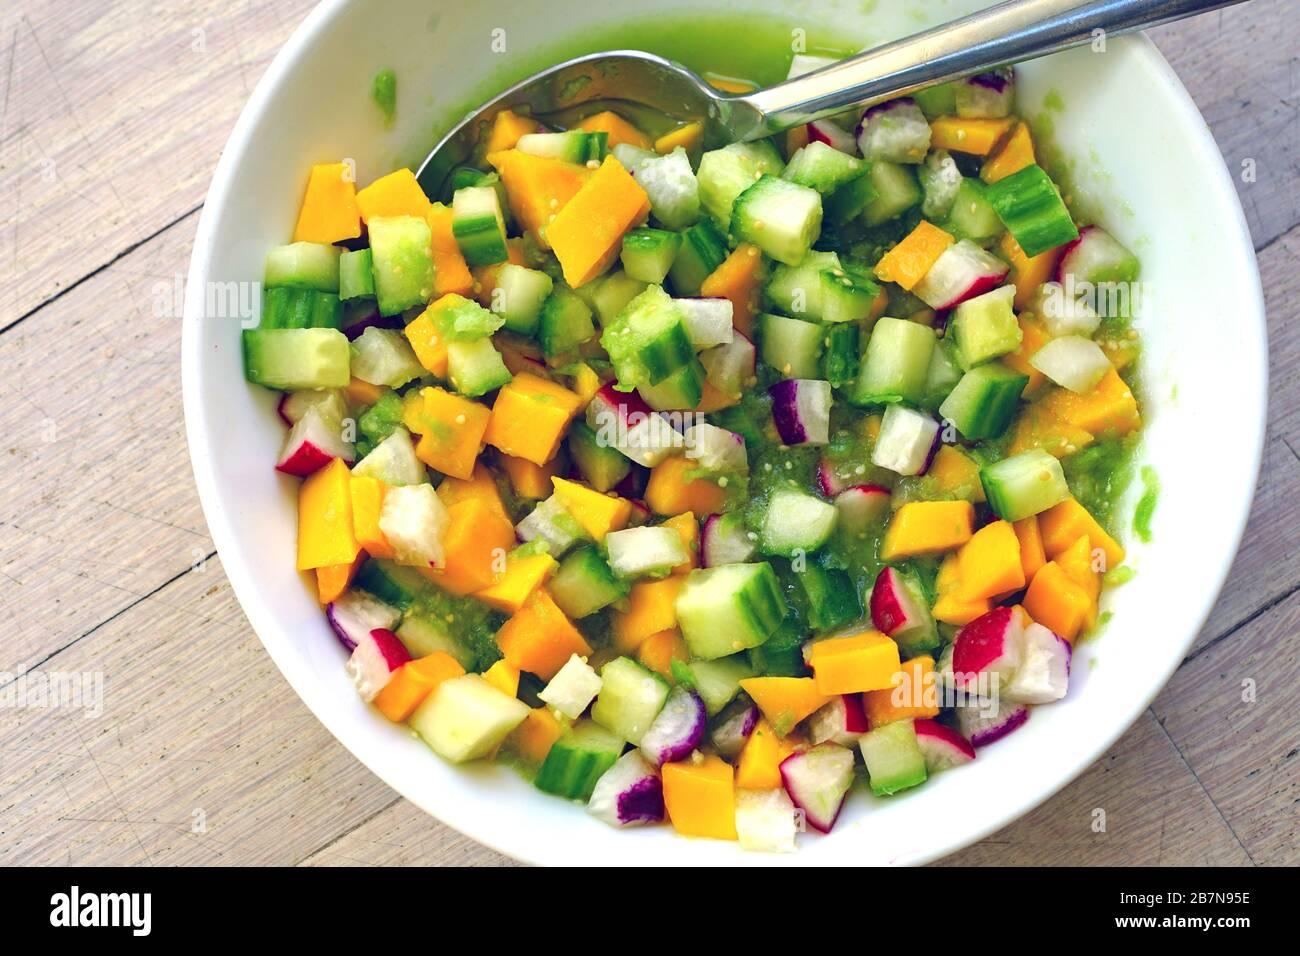 Schüssel mit frischem Salsa mit Mango, Rettich, Gurke und Tomatillo Stockfoto